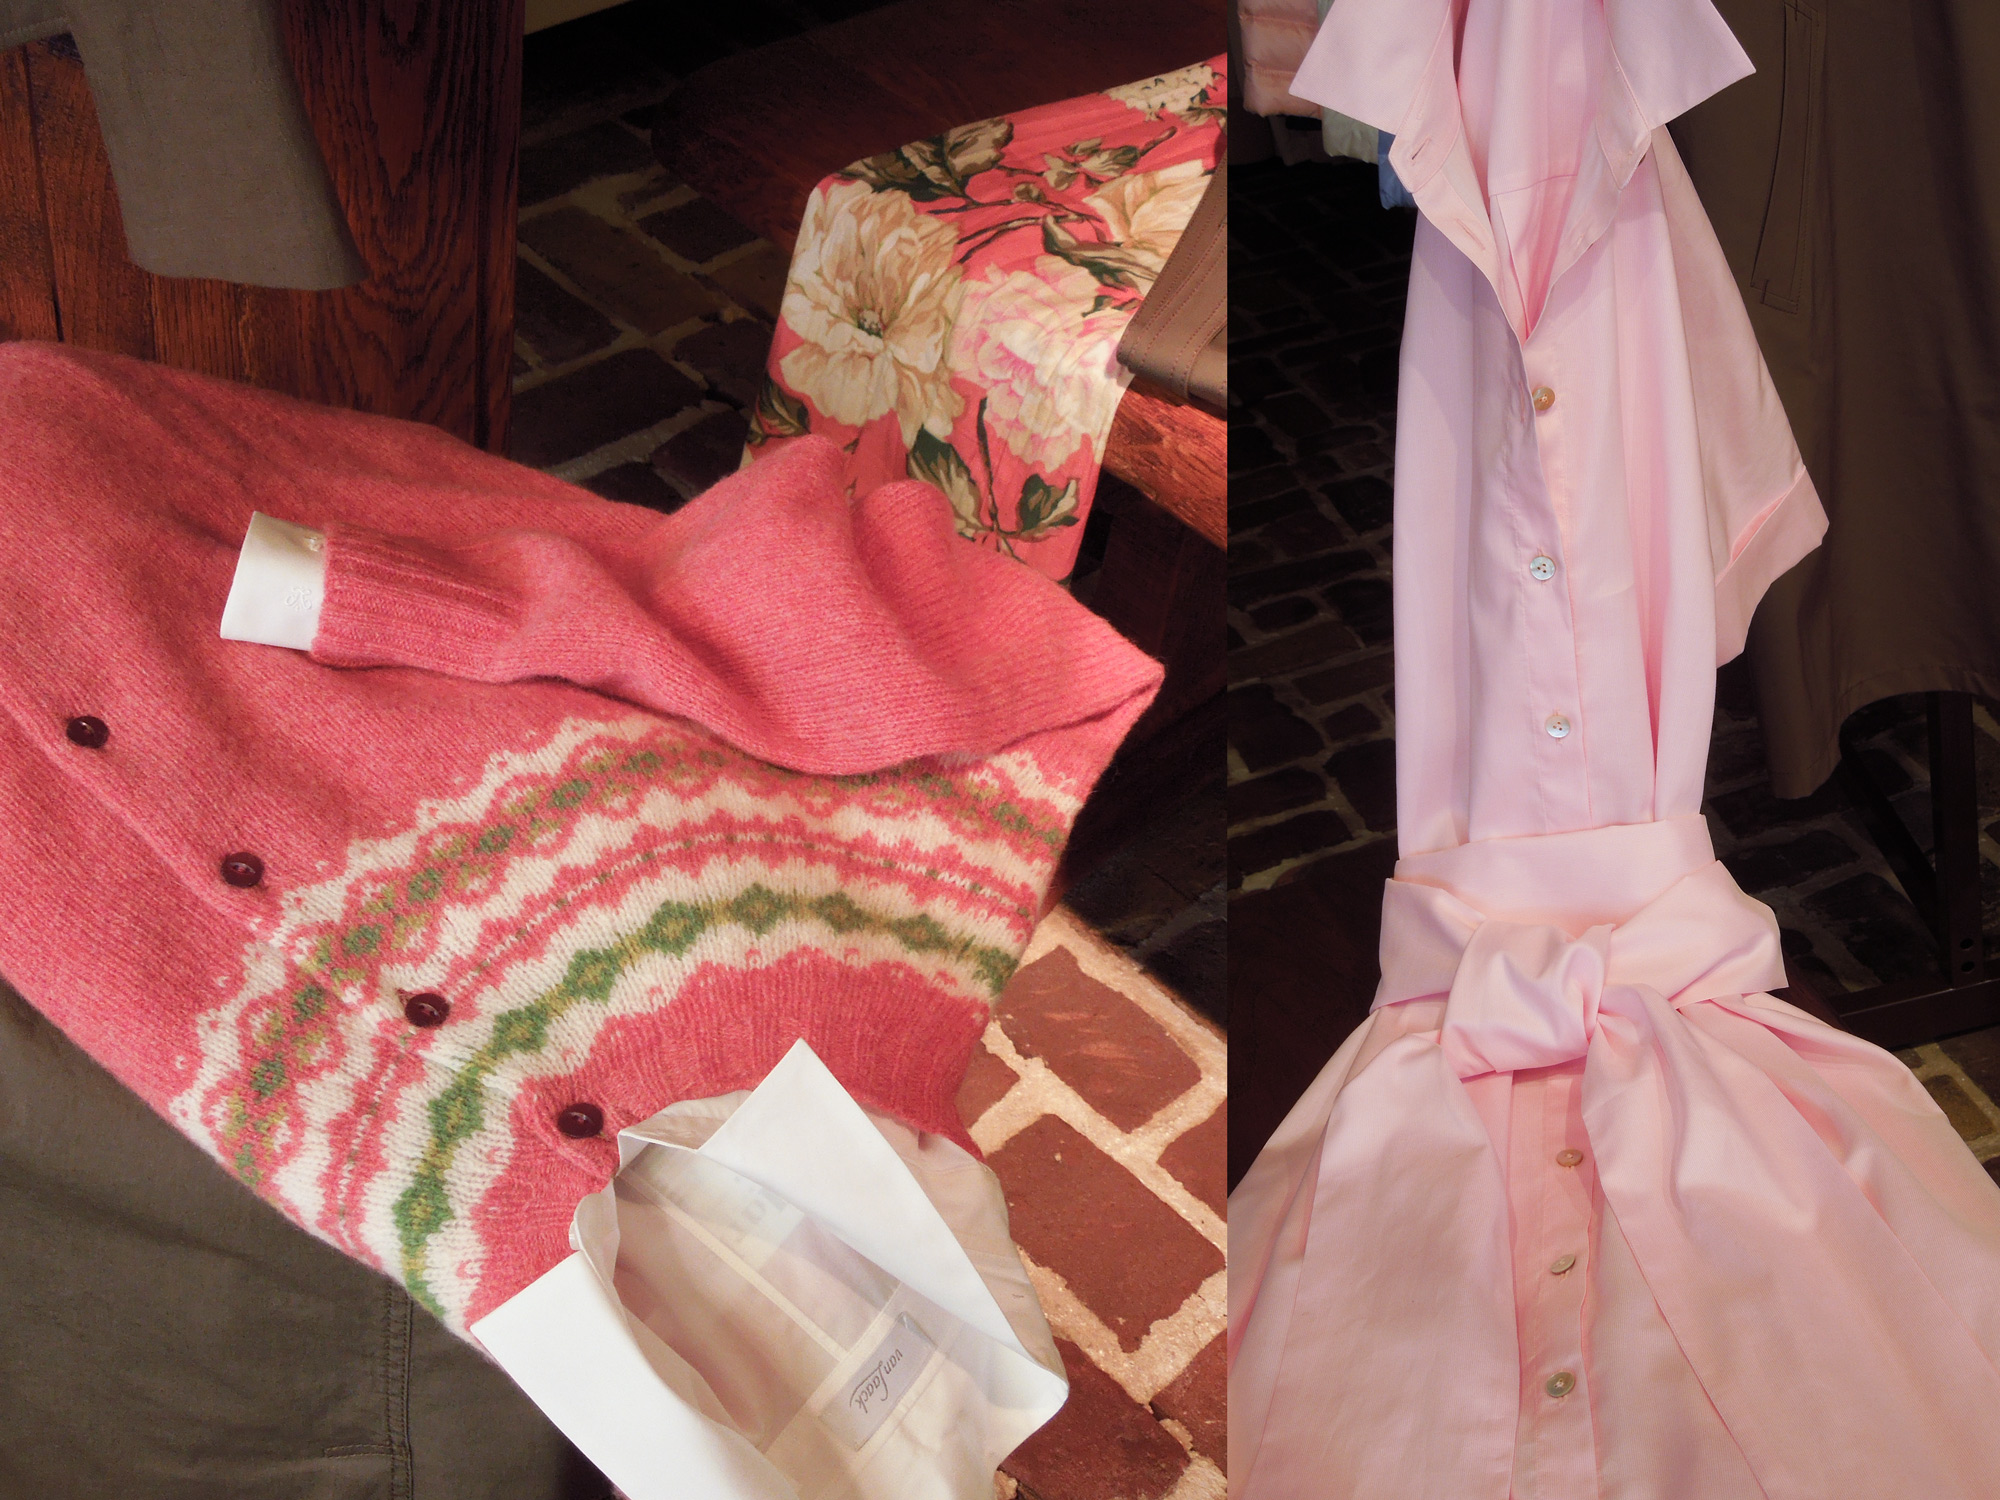 Spring Roze trui en jurk